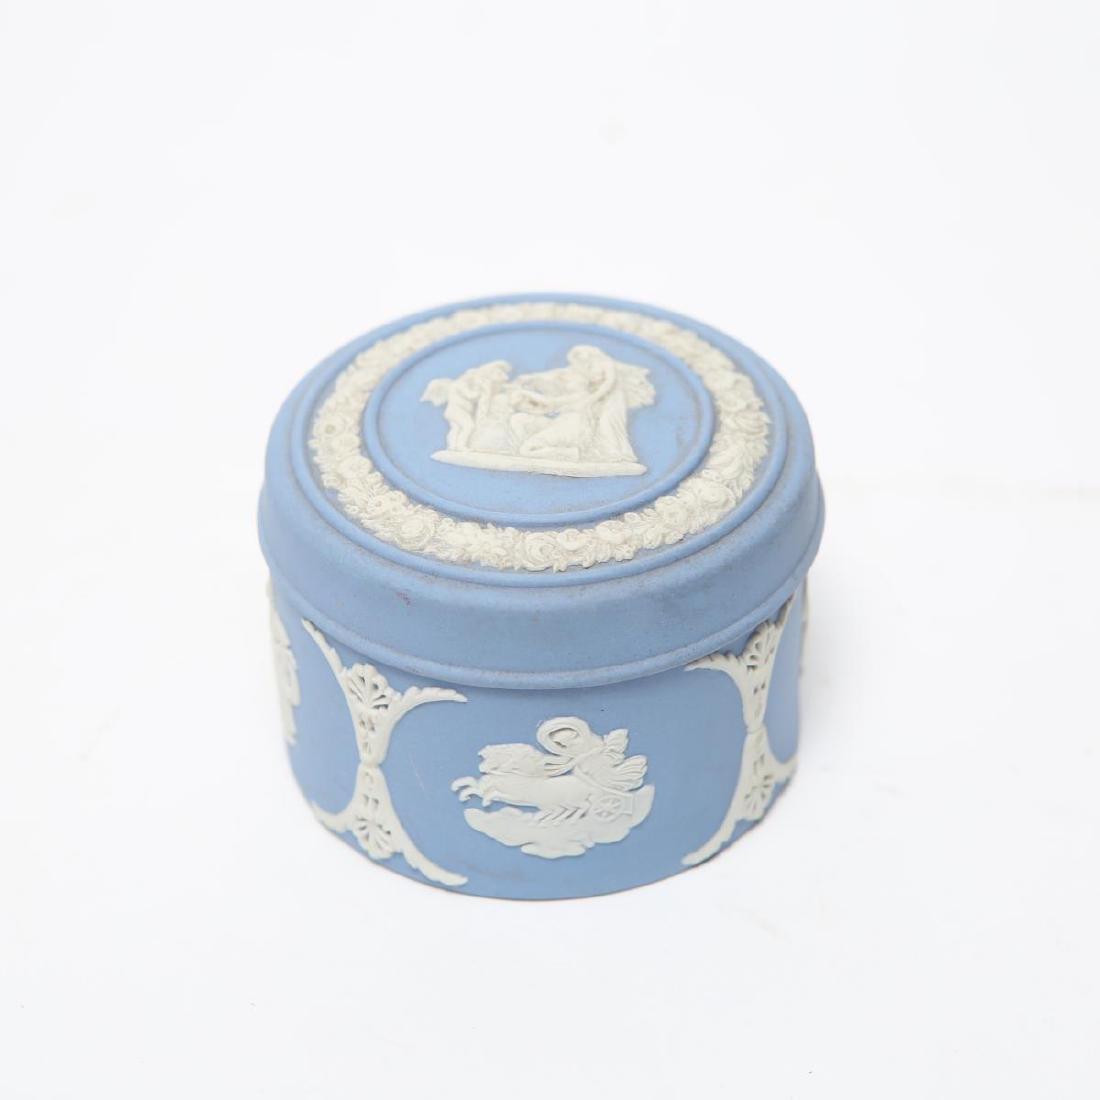 Wedgwood Green / Blue & White Jasperware Boxes, 5 - 2